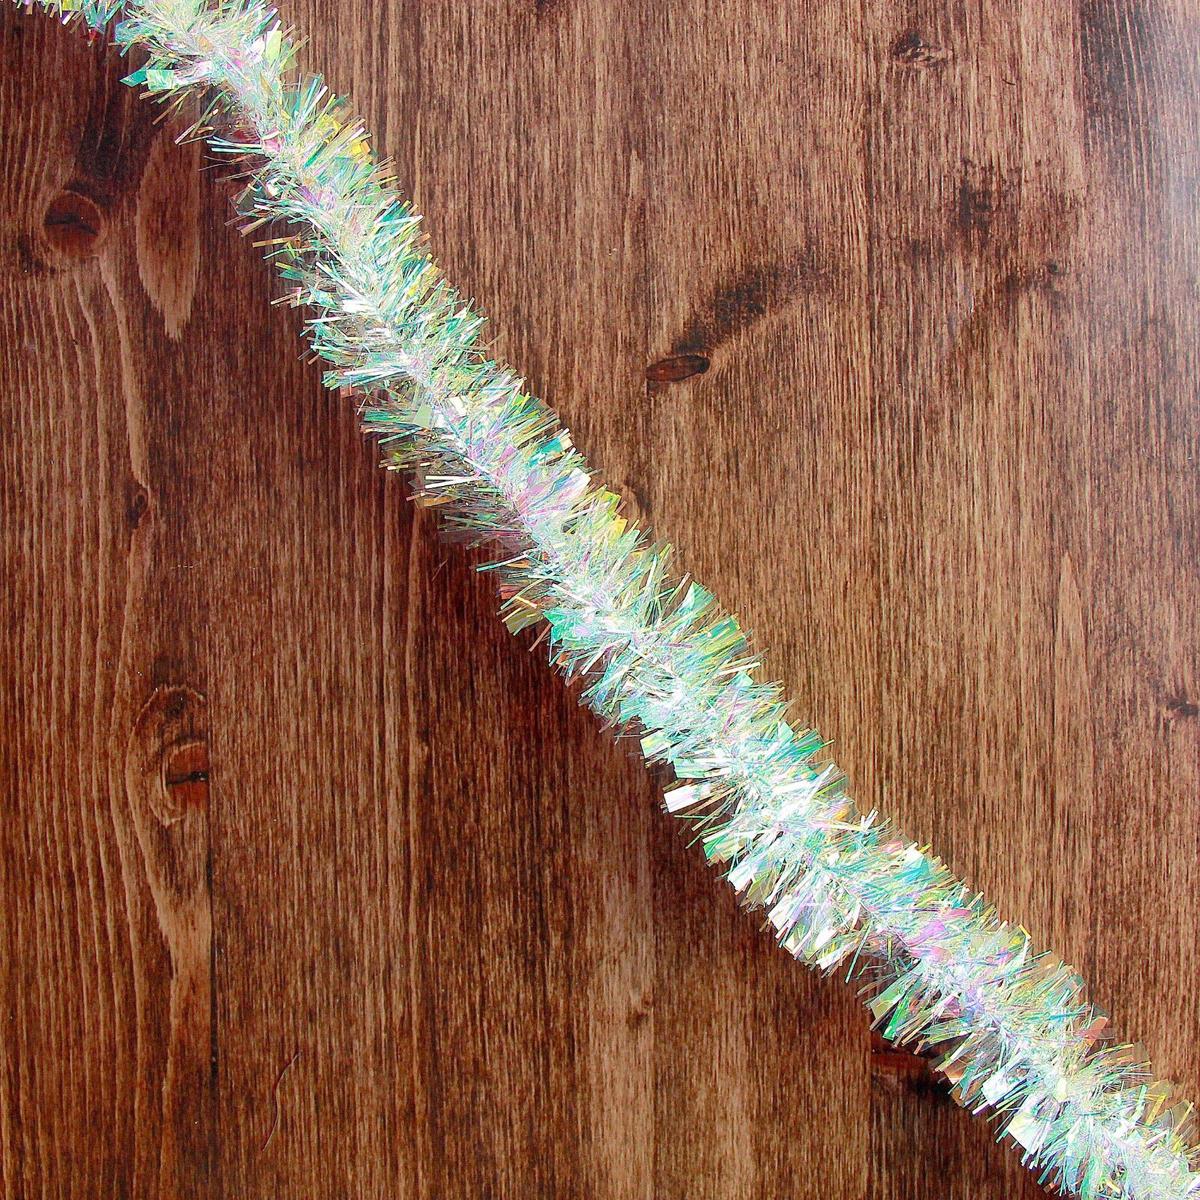 Мишура новогодняя Перламутровые блики, диаметр 4,5 см, длина 200 см2363867Новогодняя мишура, выполненная из ПВХ, поможет вам украсить свой дом к предстоящим праздникам. Новогодняя елка с таким украшением станет еще наряднее. Новогодней мишурой можно украсить все, что угодно - елку, квартиру, дачу, офис - как внутри, так и снаружи. Можно сложить новогодние поздравления, буквы и цифры, мишурой можно украсить и дополнить гирлянды, можно выделить дверные колонны, оплести дверные проемы.